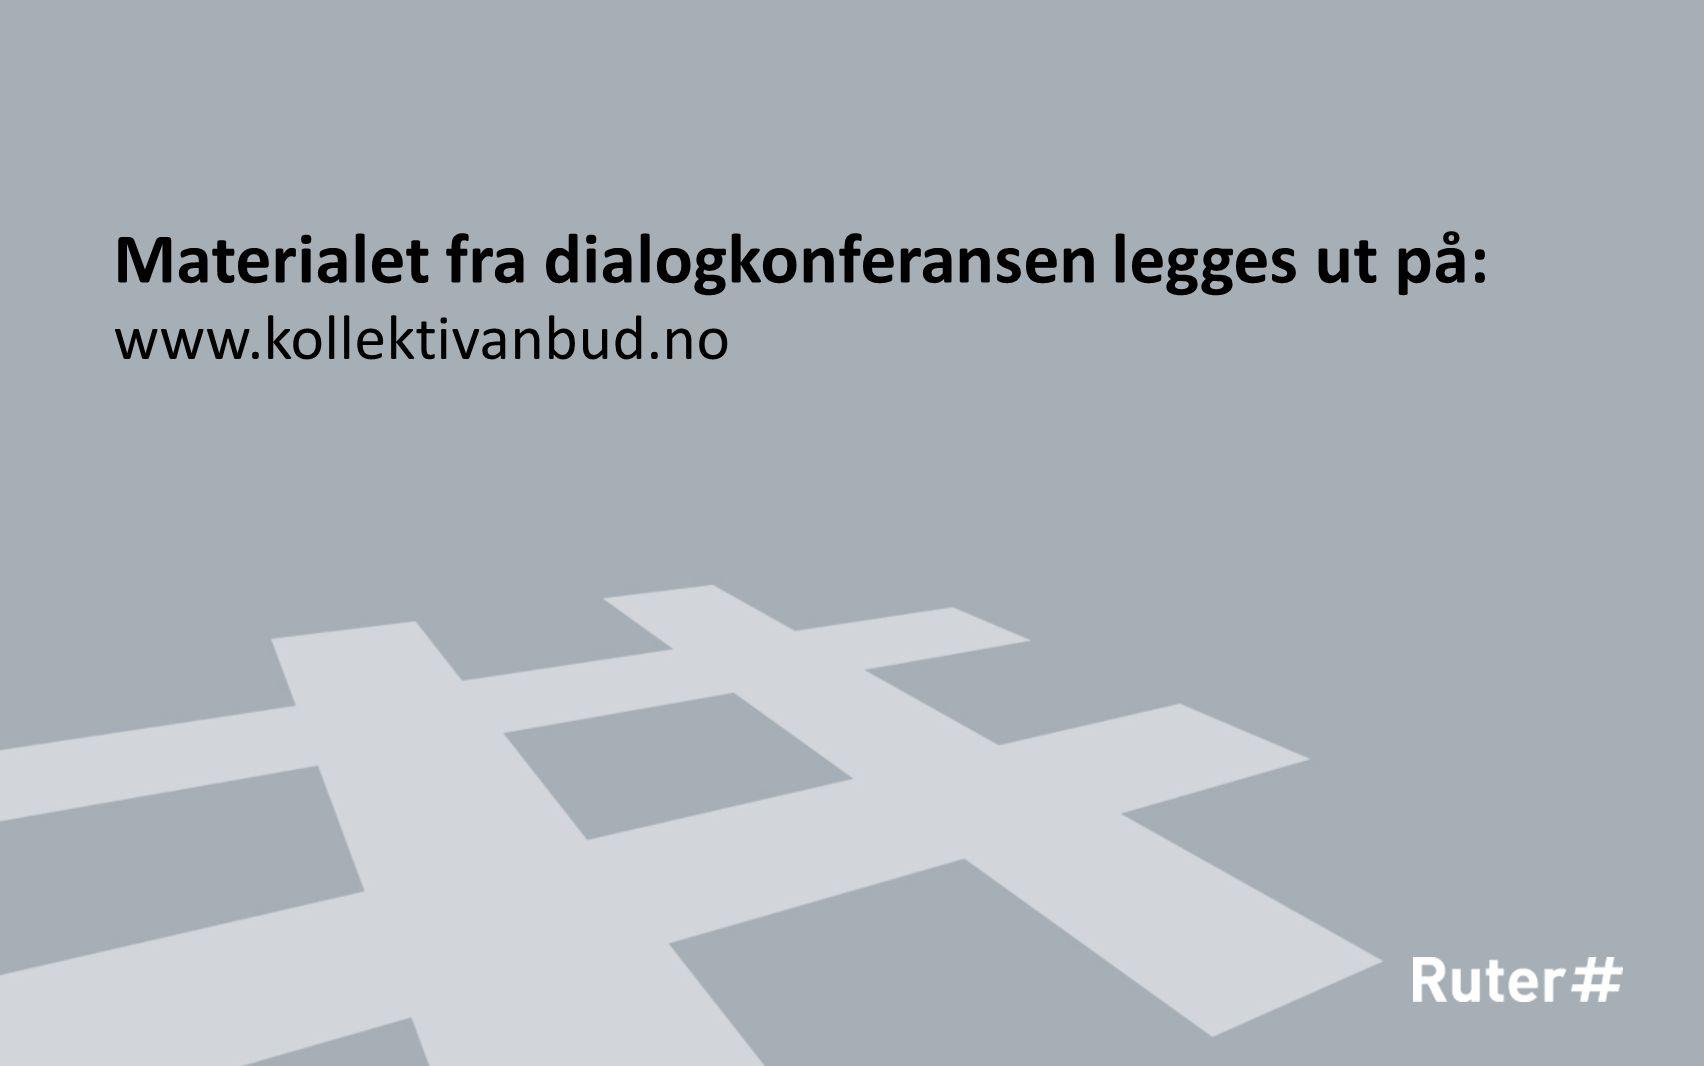 Materialet fra dialogkonferansen legges ut på: www.kollektivanbud.no